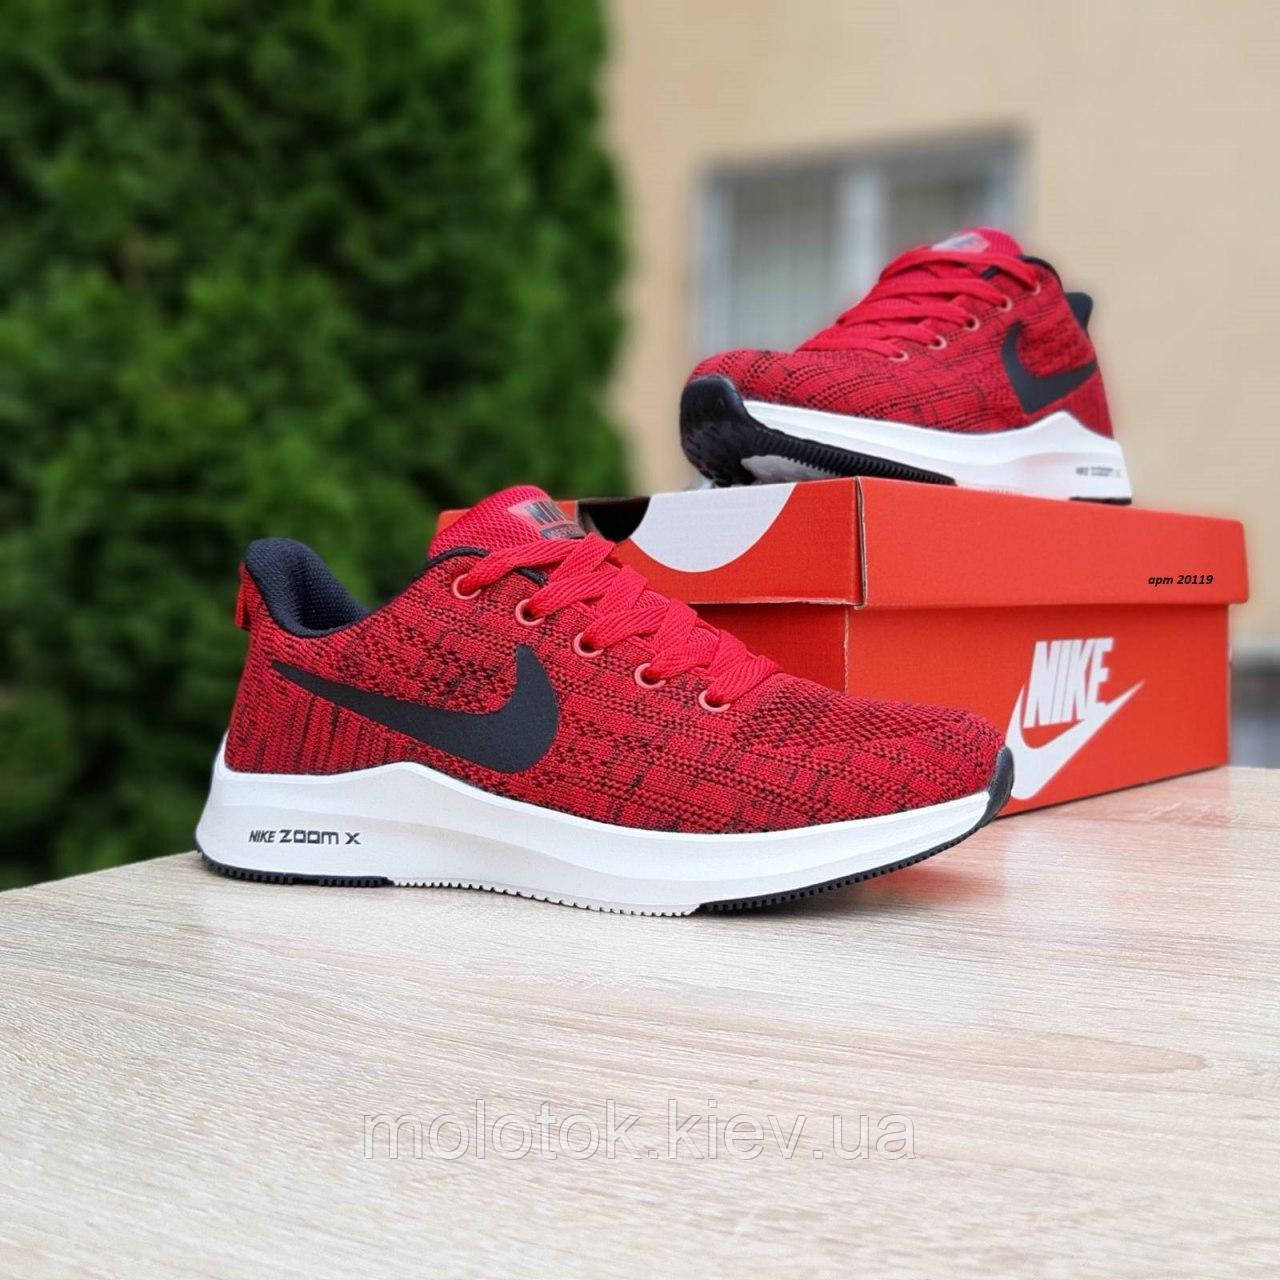 Женские кроссовки в стиле Nike Zoom AIR красные